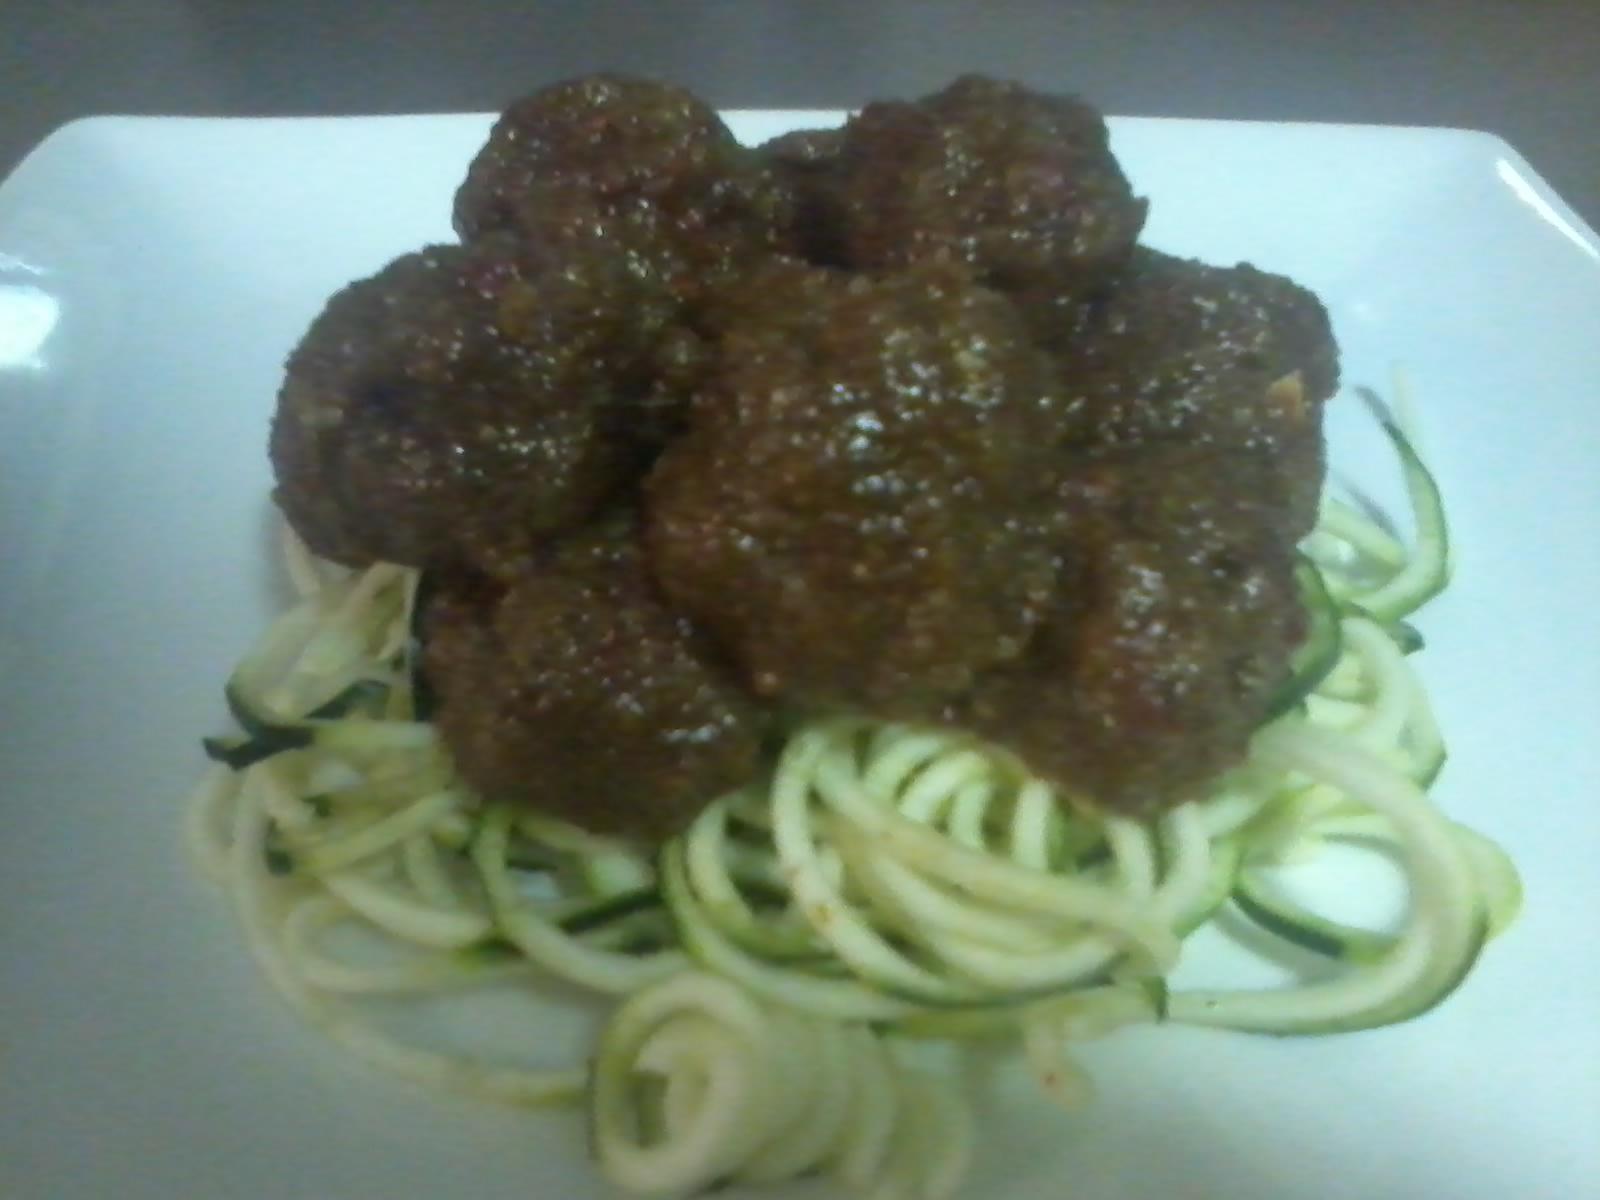 Zucchini spaghetti with walnut 39 meatballs 39 for Zucchini noodles and meatballs recipe